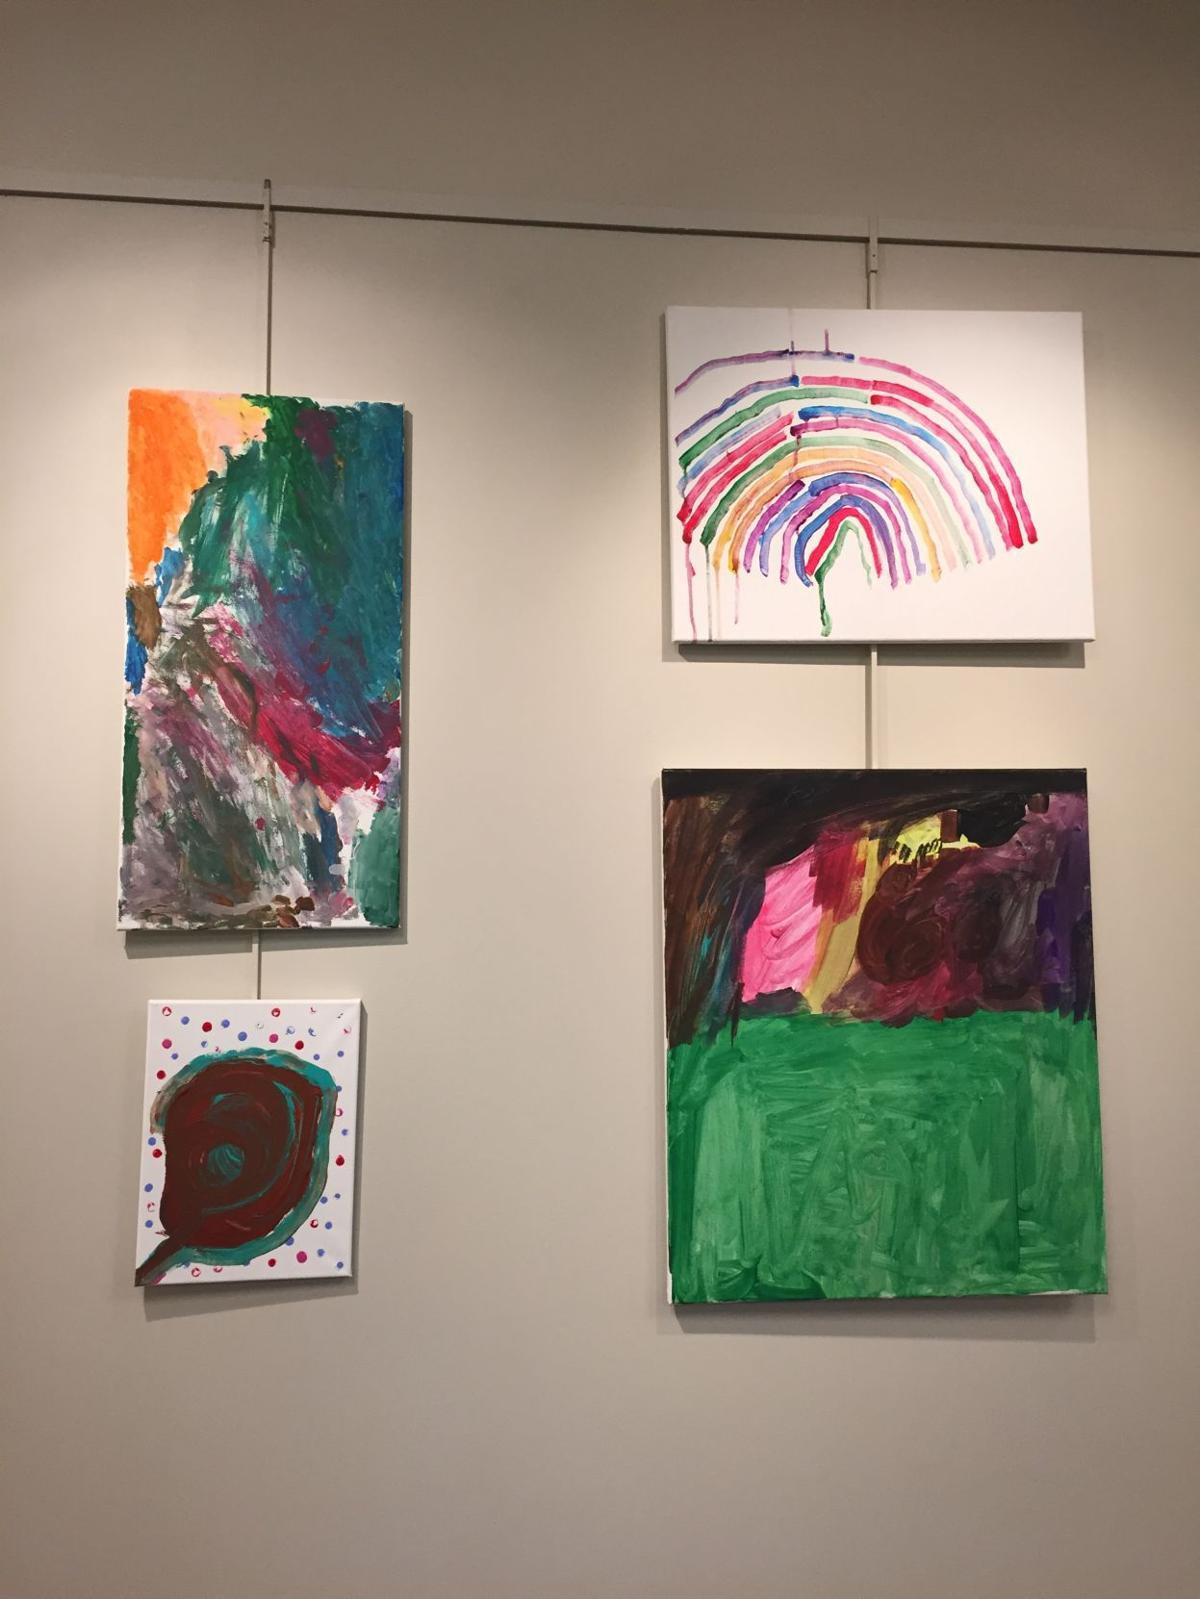 On exhibit